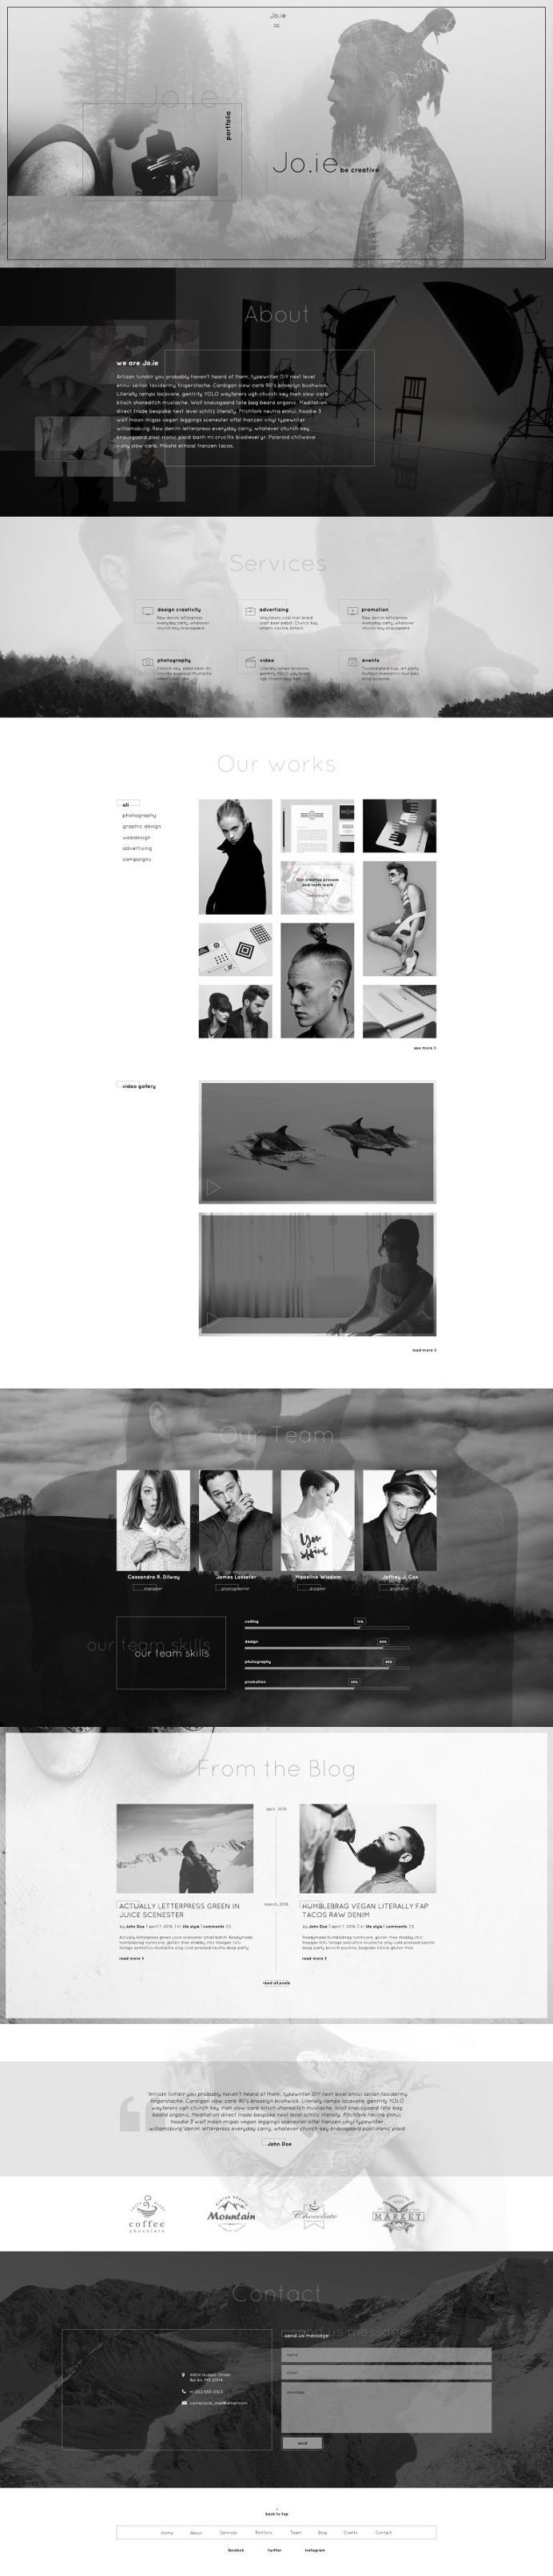 Jo.ie — Personal/Studio